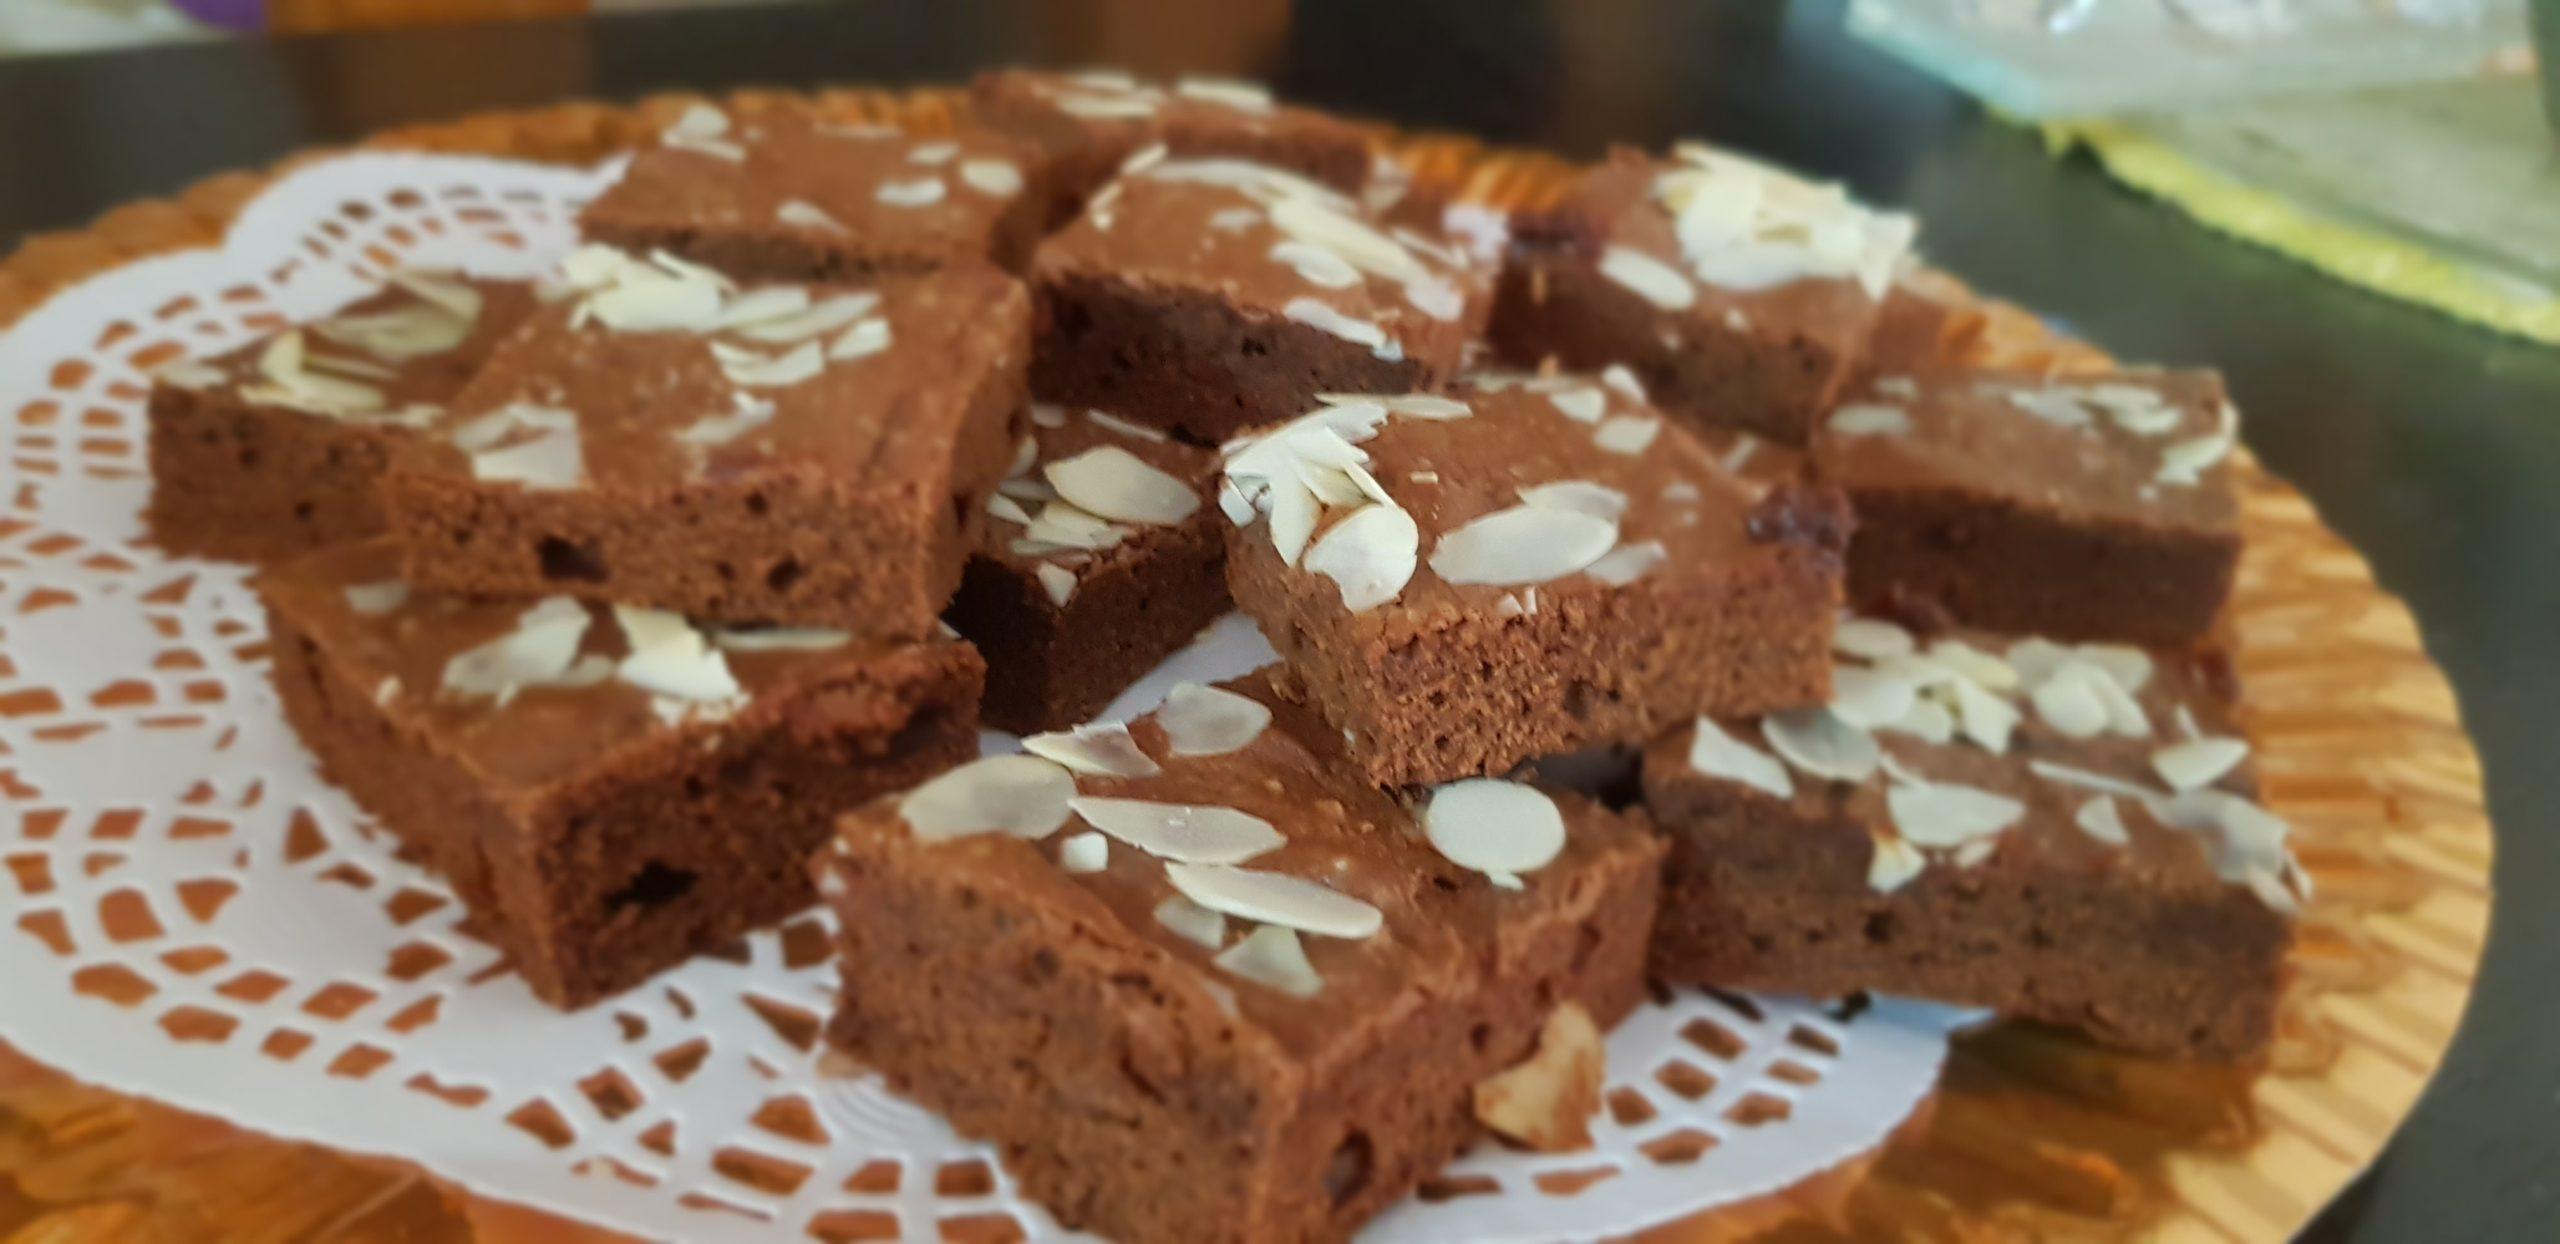 Incroyable gâteau au brownie au chocolat • 5 ingrédients, un seul bol!